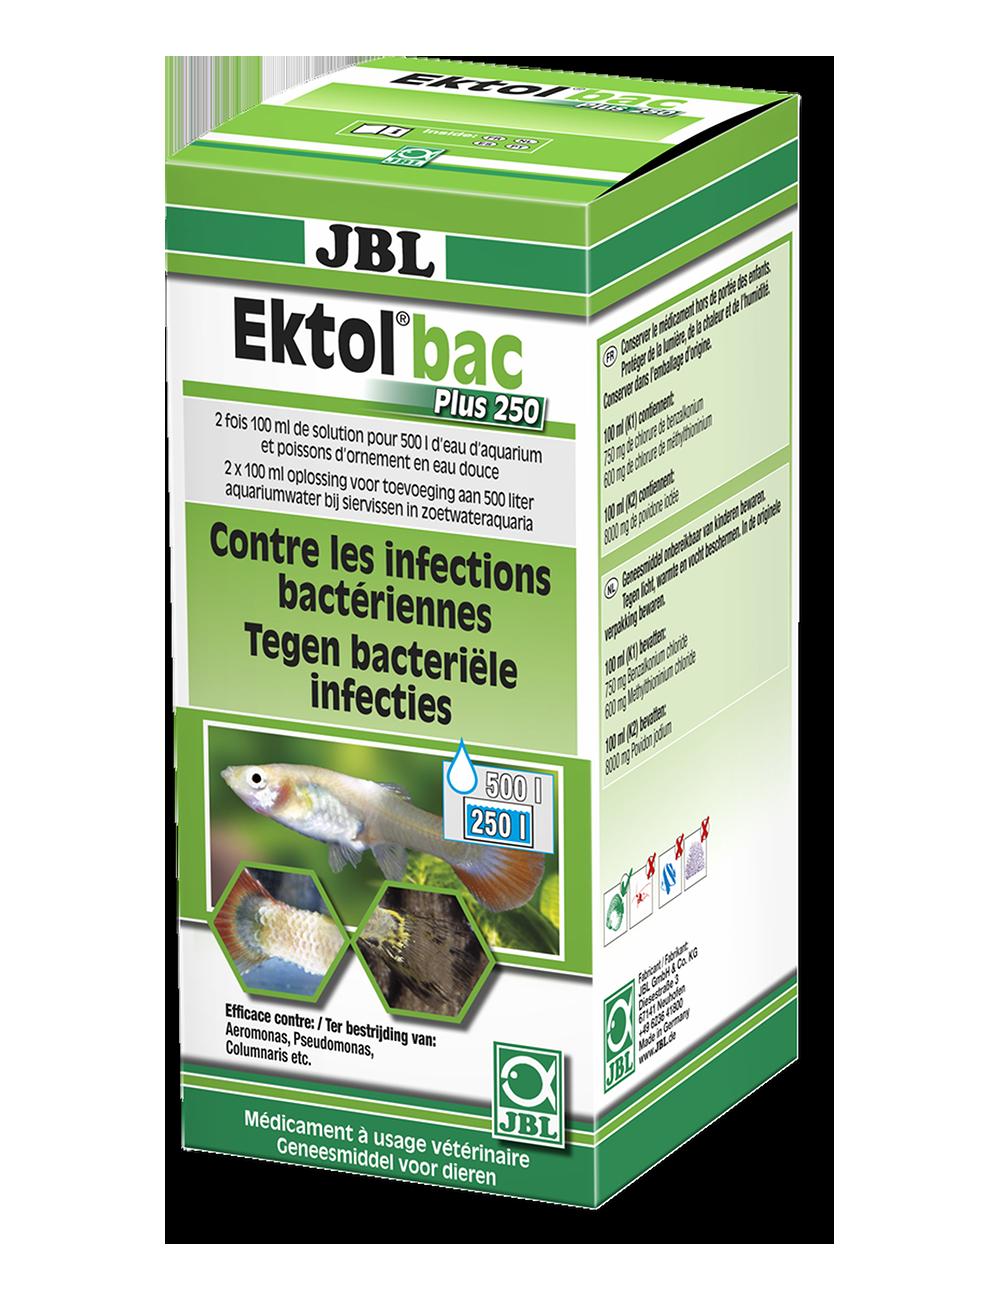 JBL - Ektol bac Plus 250 - Anti bactérien pour poissons - 200ml